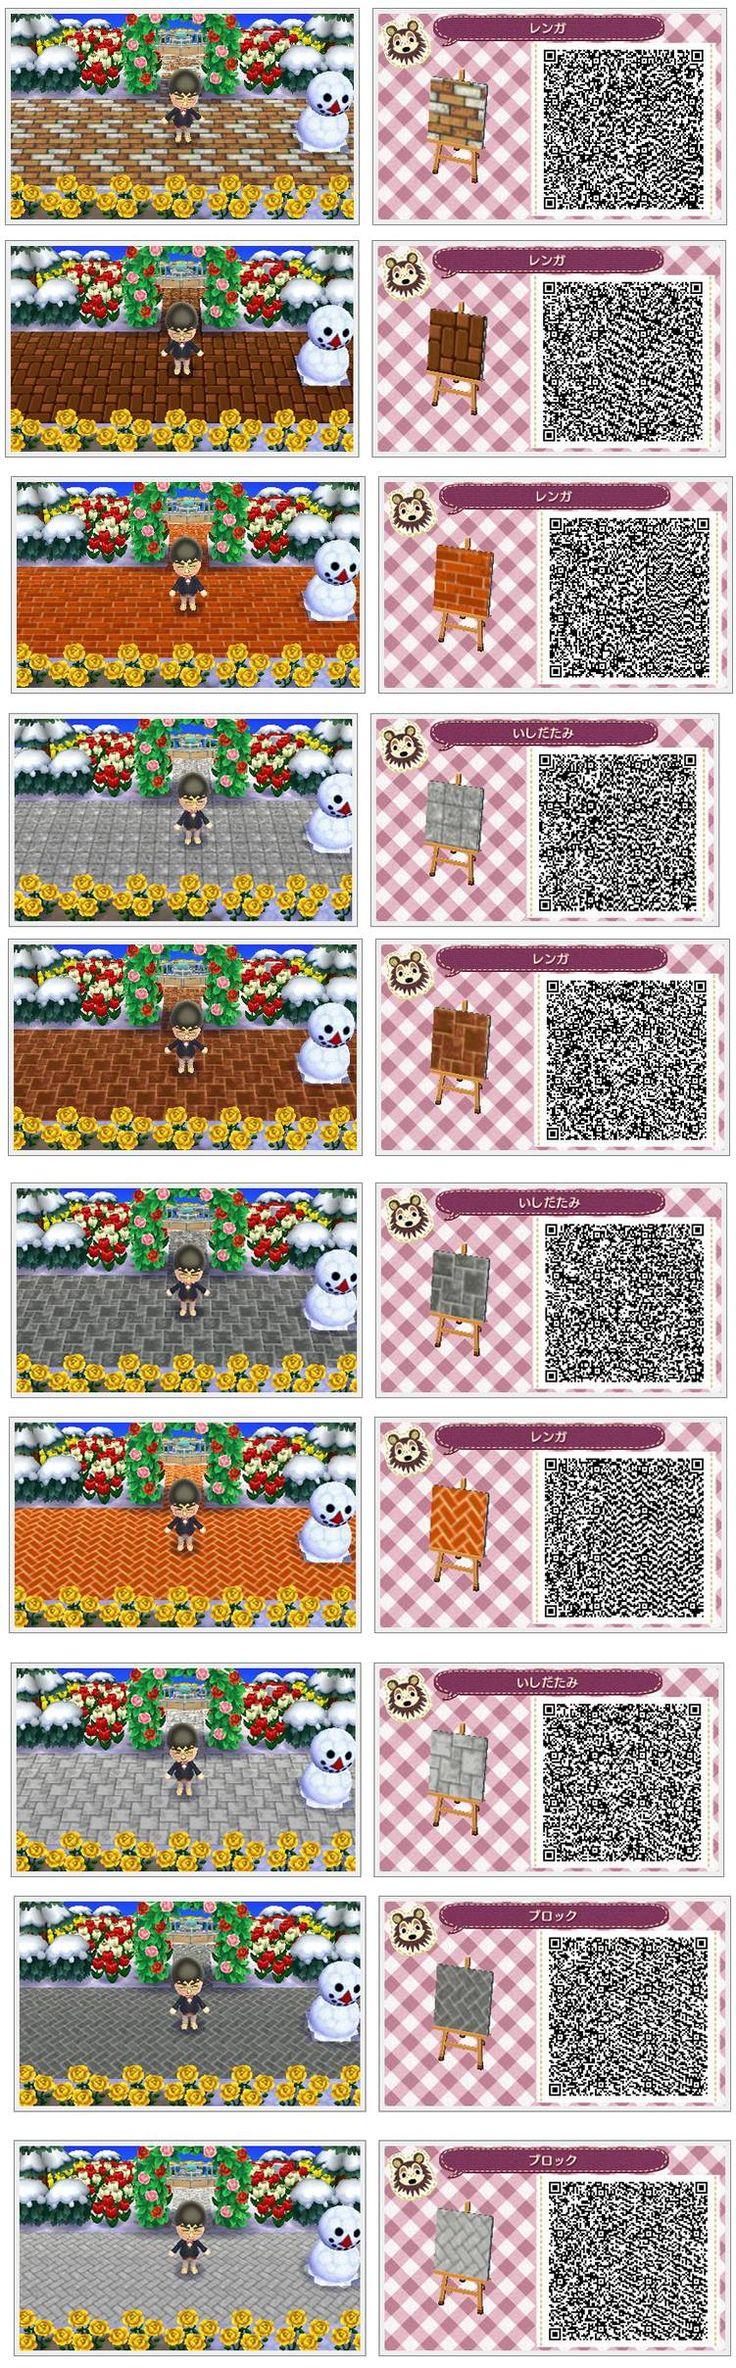 Animal Crossing New Leaf Qr Codes Mario Paths Animal crossing qr codes